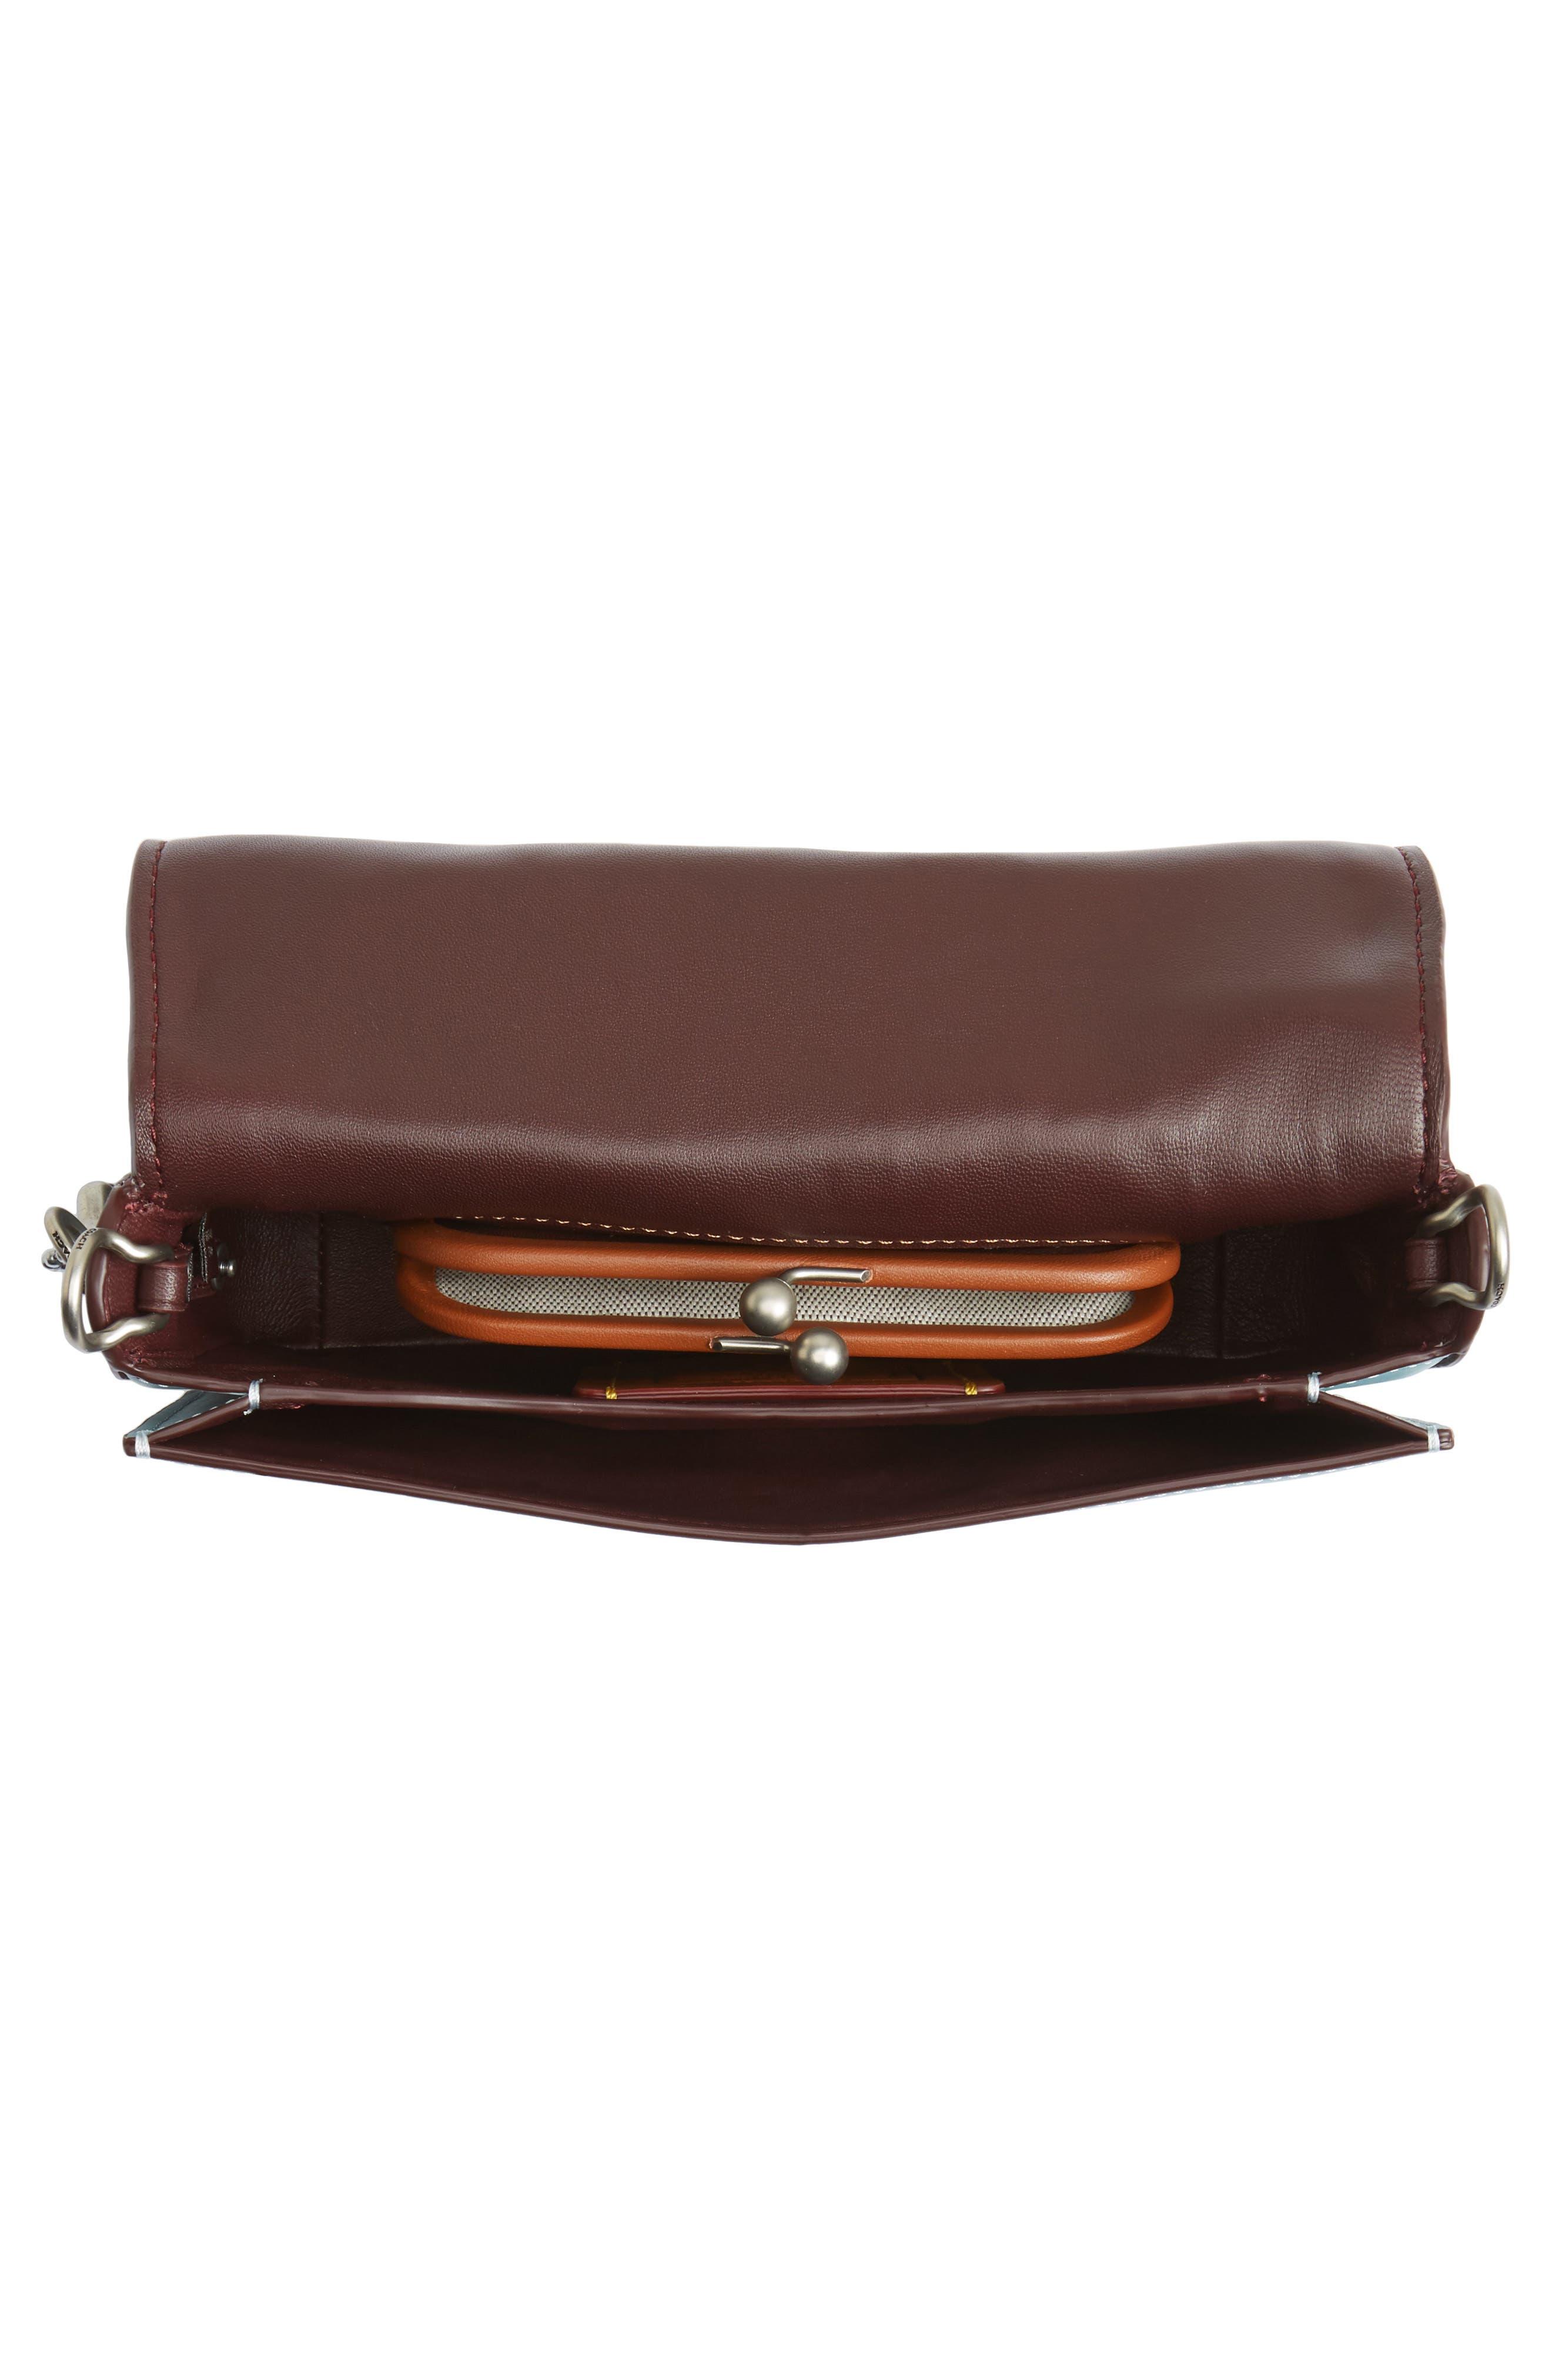 Alternate Image 3  - COACH 1941 Dinky Tea Rose Appliqué Leather Crossbody Bag